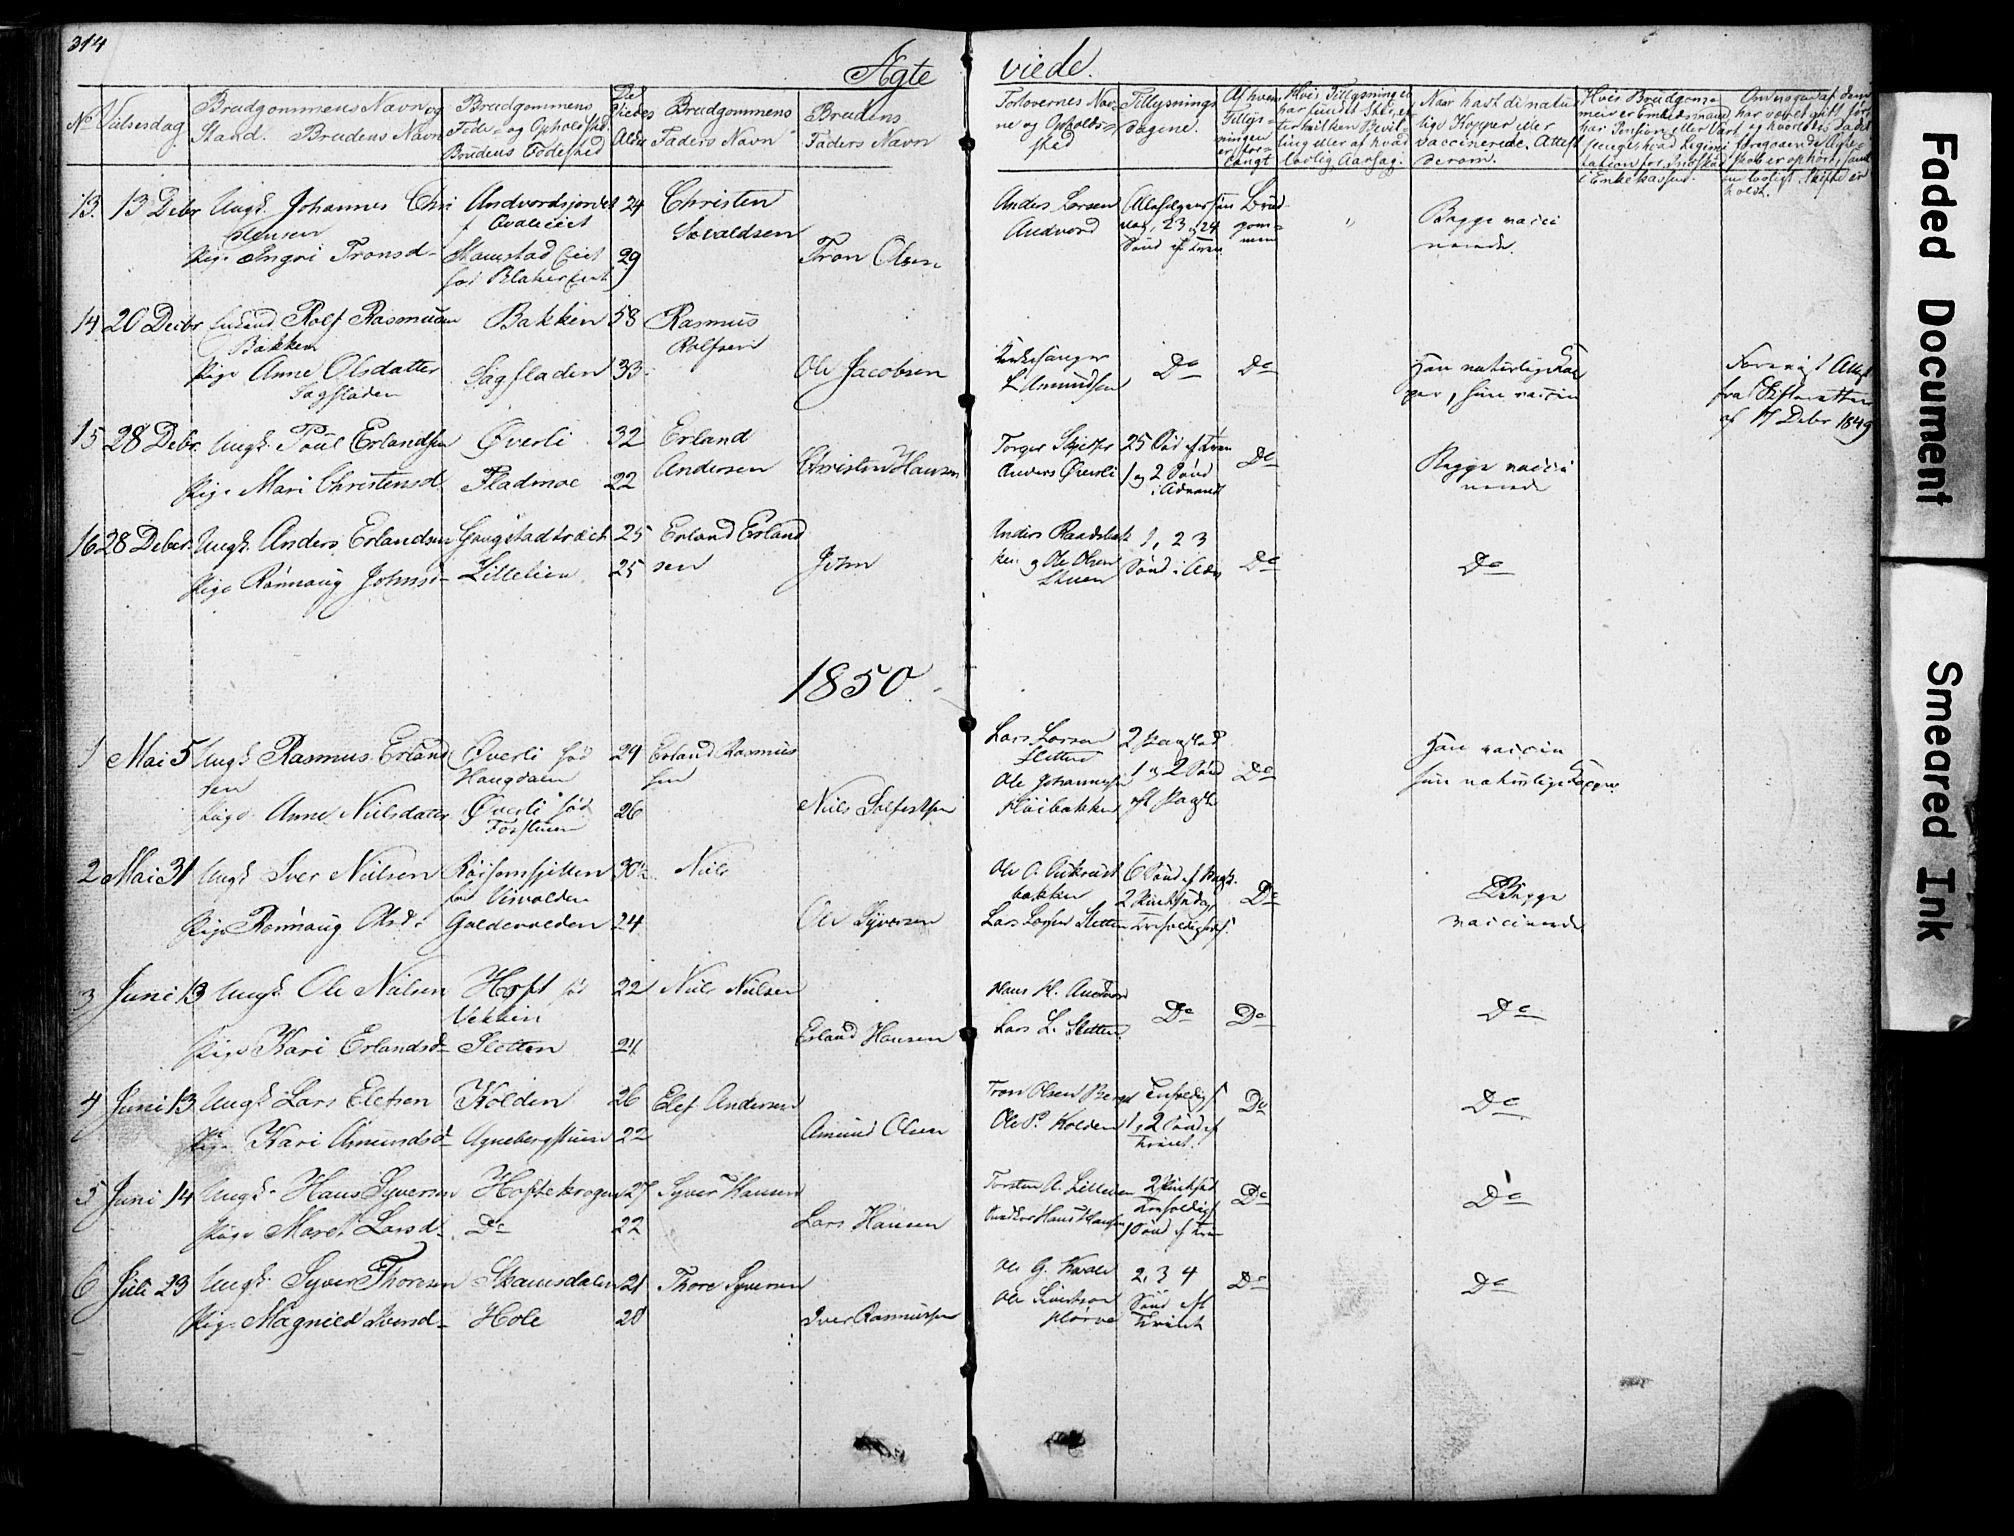 SAH, Lom prestekontor, L/L0012: Klokkerbok nr. 12, 1845-1873, s. 314-315